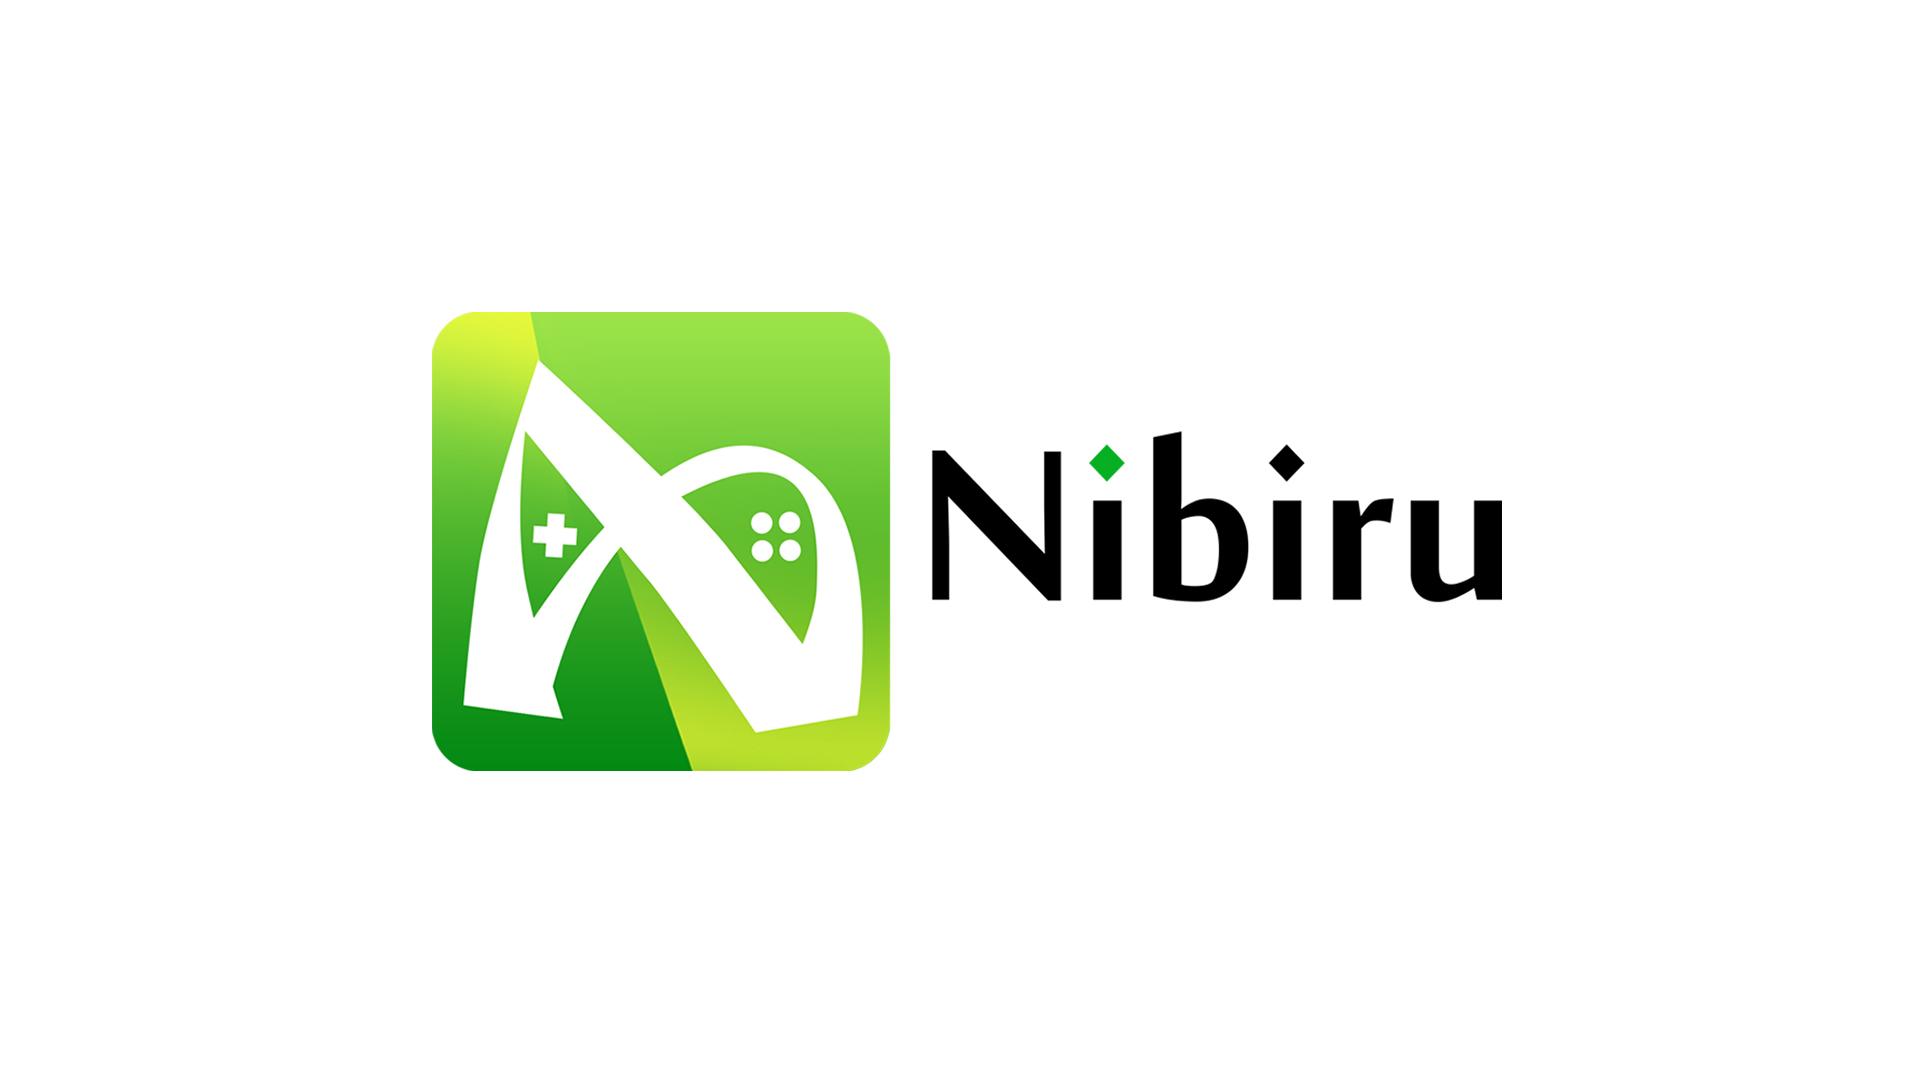 睿悦信息 Nibiru 完成 C1 轮融资: 持续AR/VR系统和三维互动式内容工具底层核心技术研发、致力全球场景落地